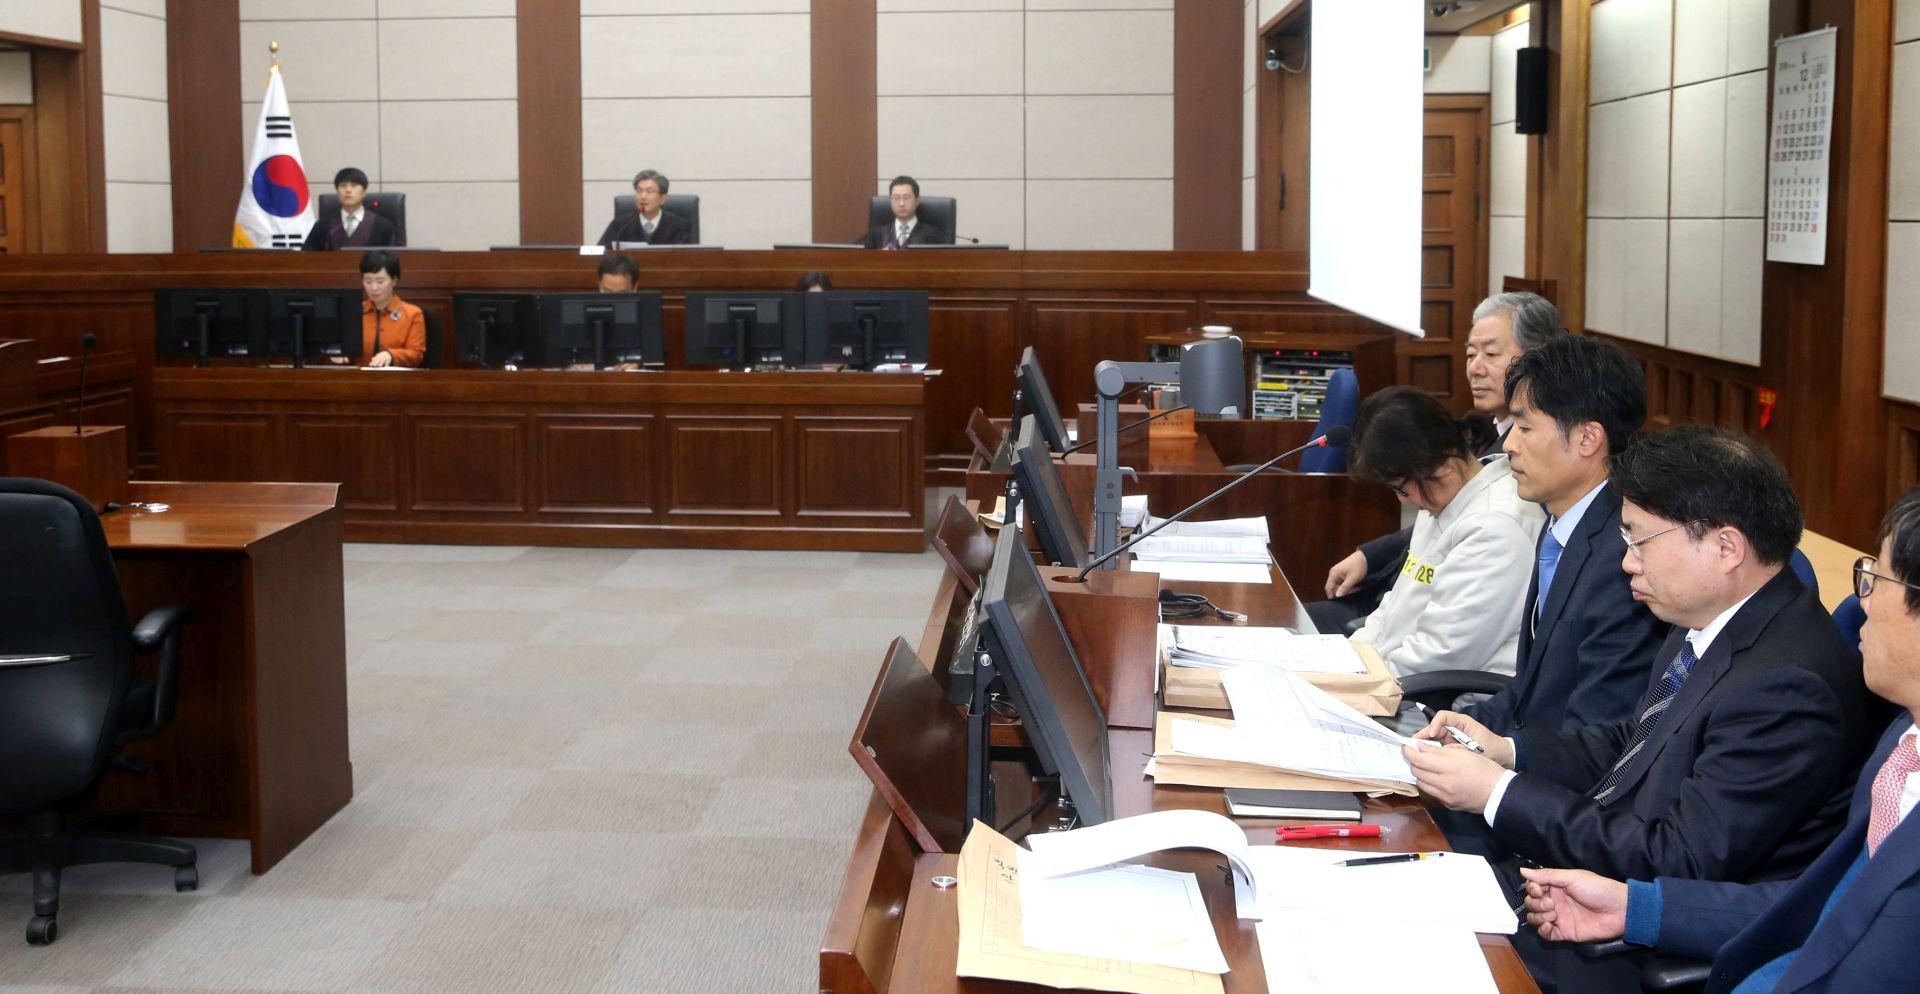 SLUČAJ KORUPCIJSKOG SKANDALA: Istraga u južnokorejskoj Nacionalnoj službi mirovinskih fondova